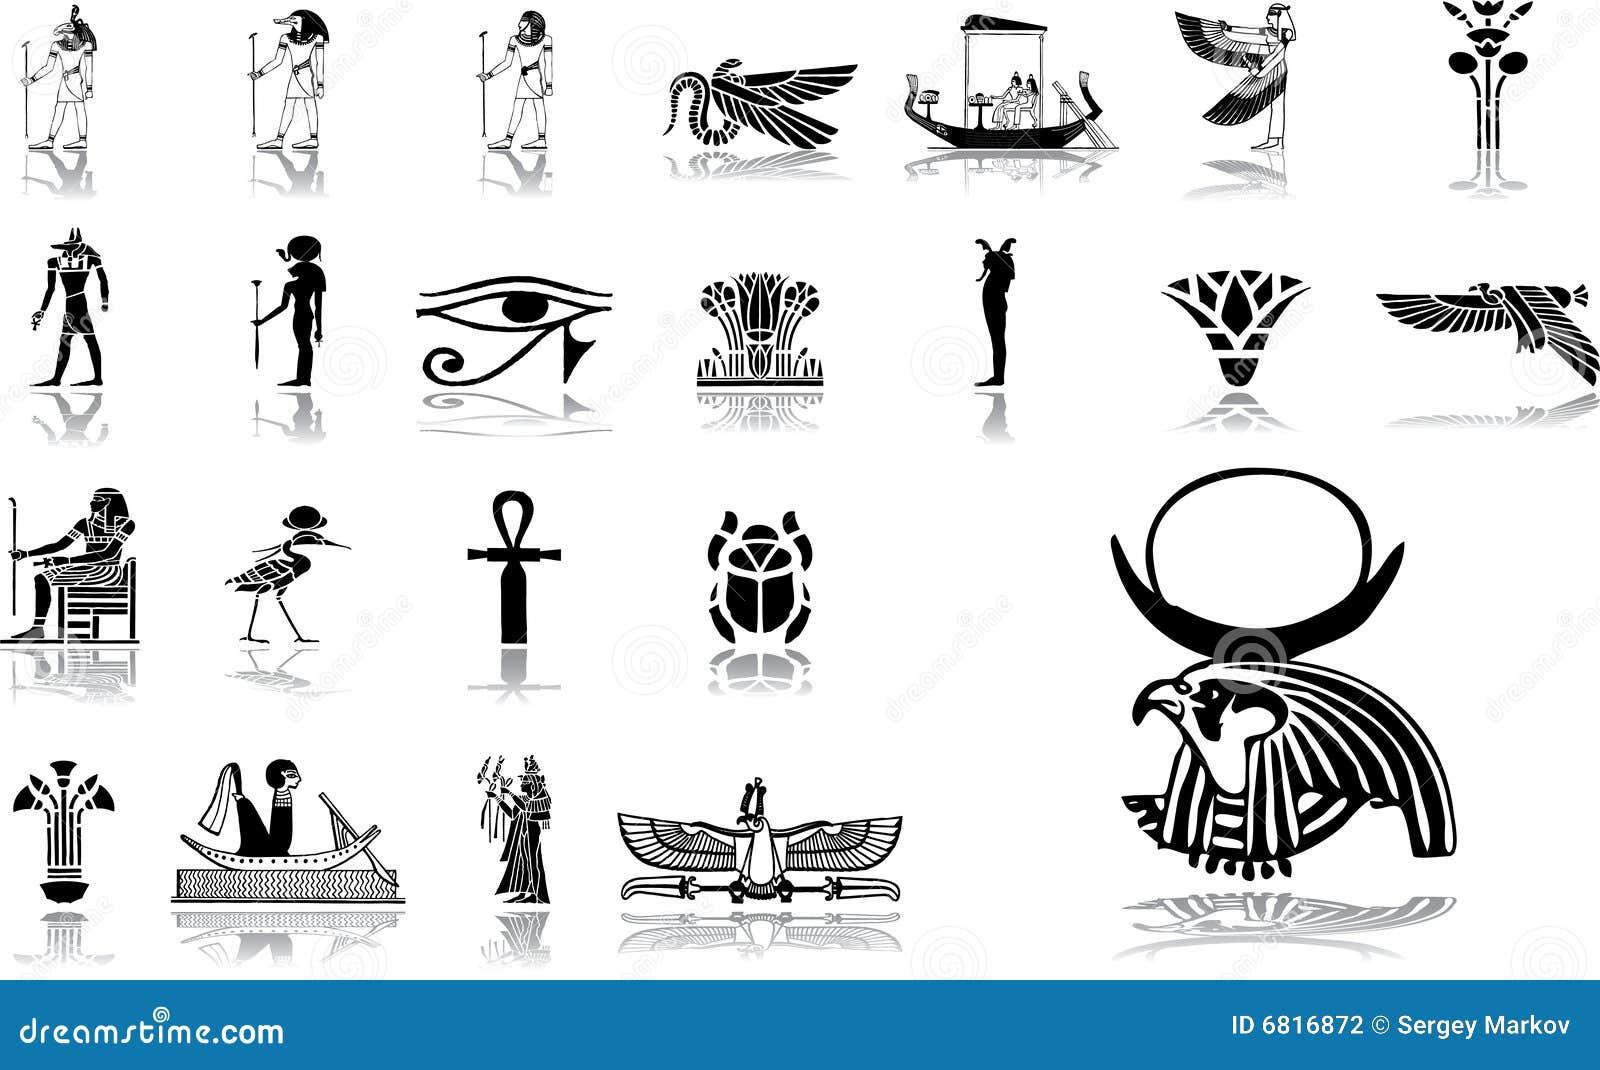 Iconos grandes del conjunto - 12. Egipto